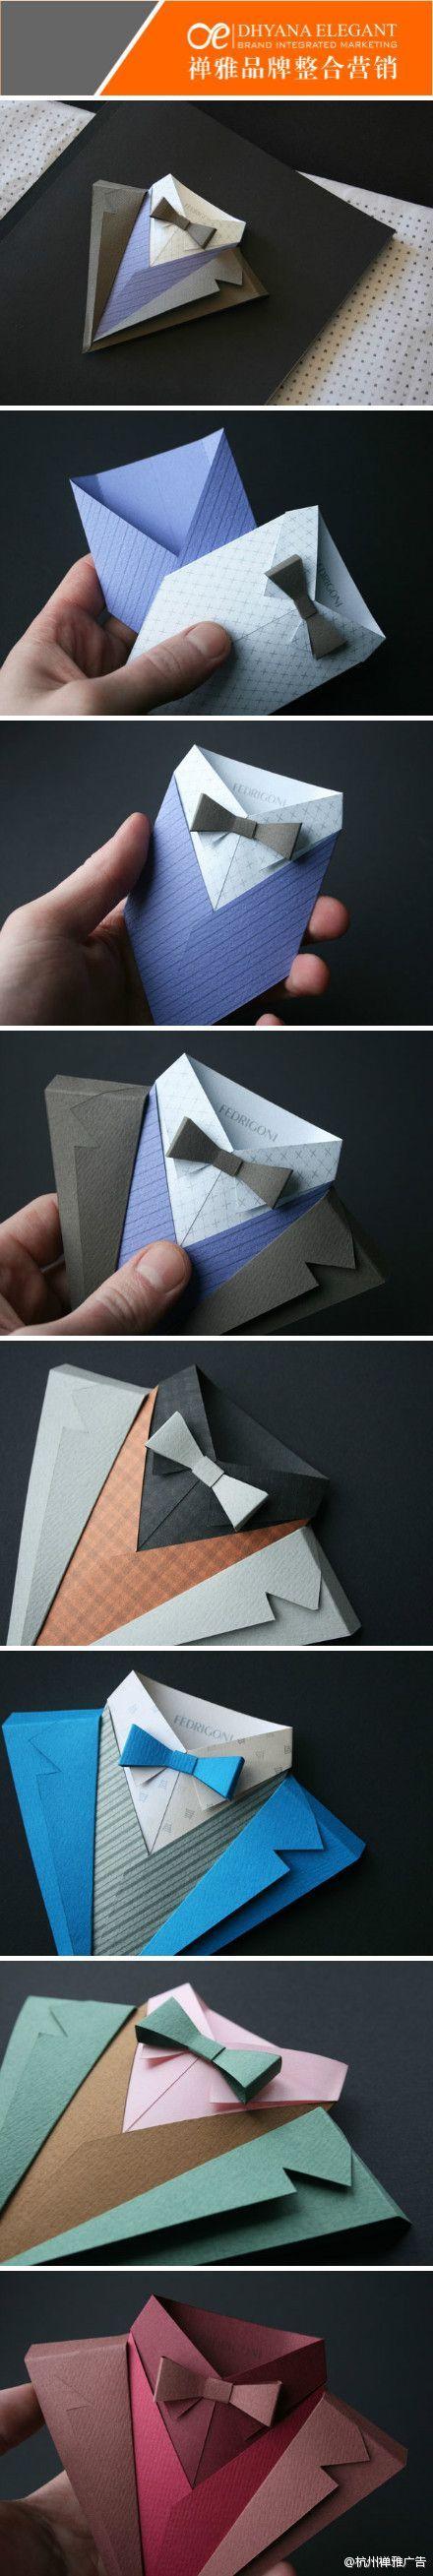 英国Jonathan Shackleton折纸服饰创意设计作品